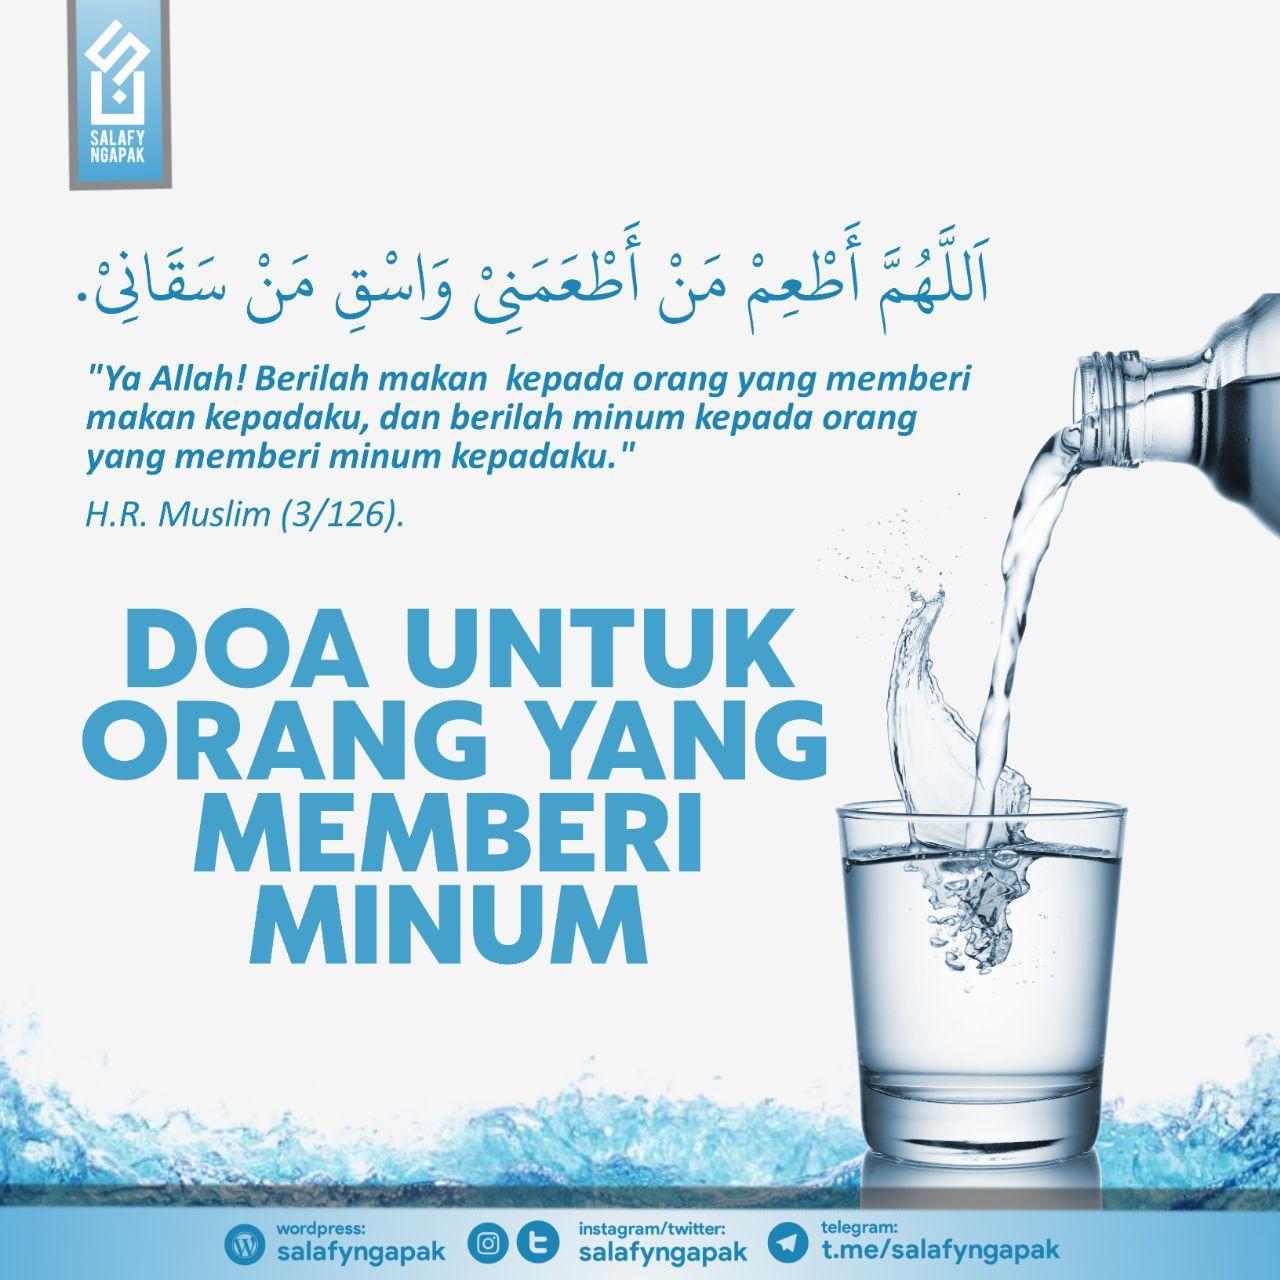 Doa Untuk Orang yang Memberi Minum